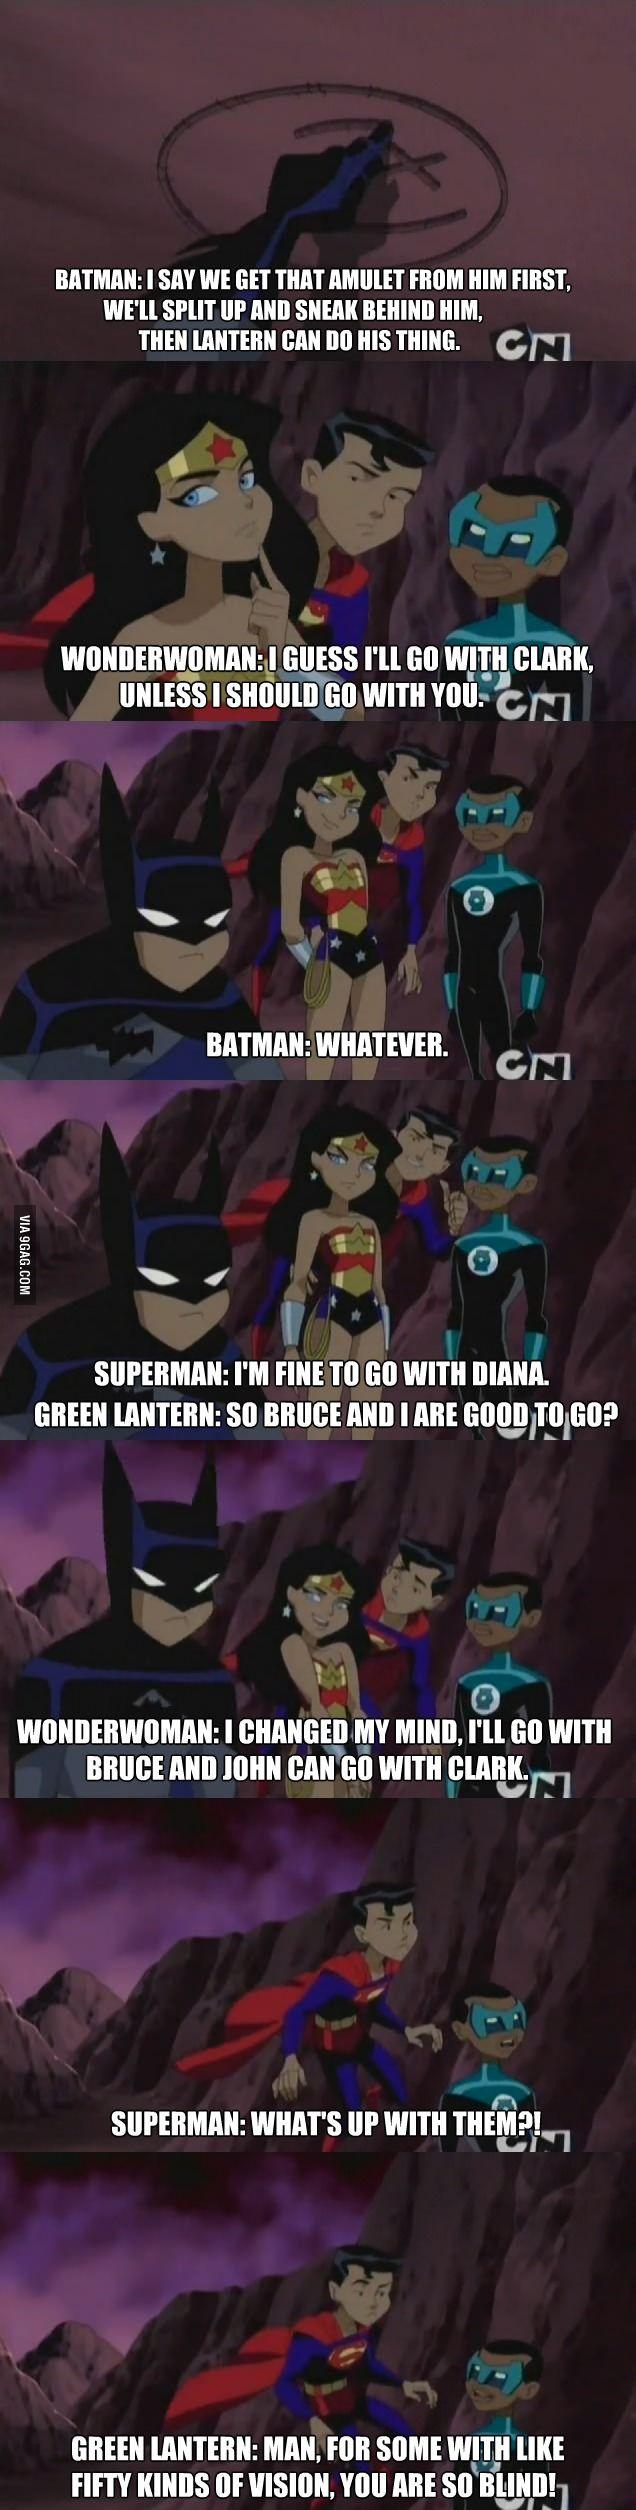 Justice League as Kids<<<<< (͡° ͜ʖ ͡°) You know I ship those two